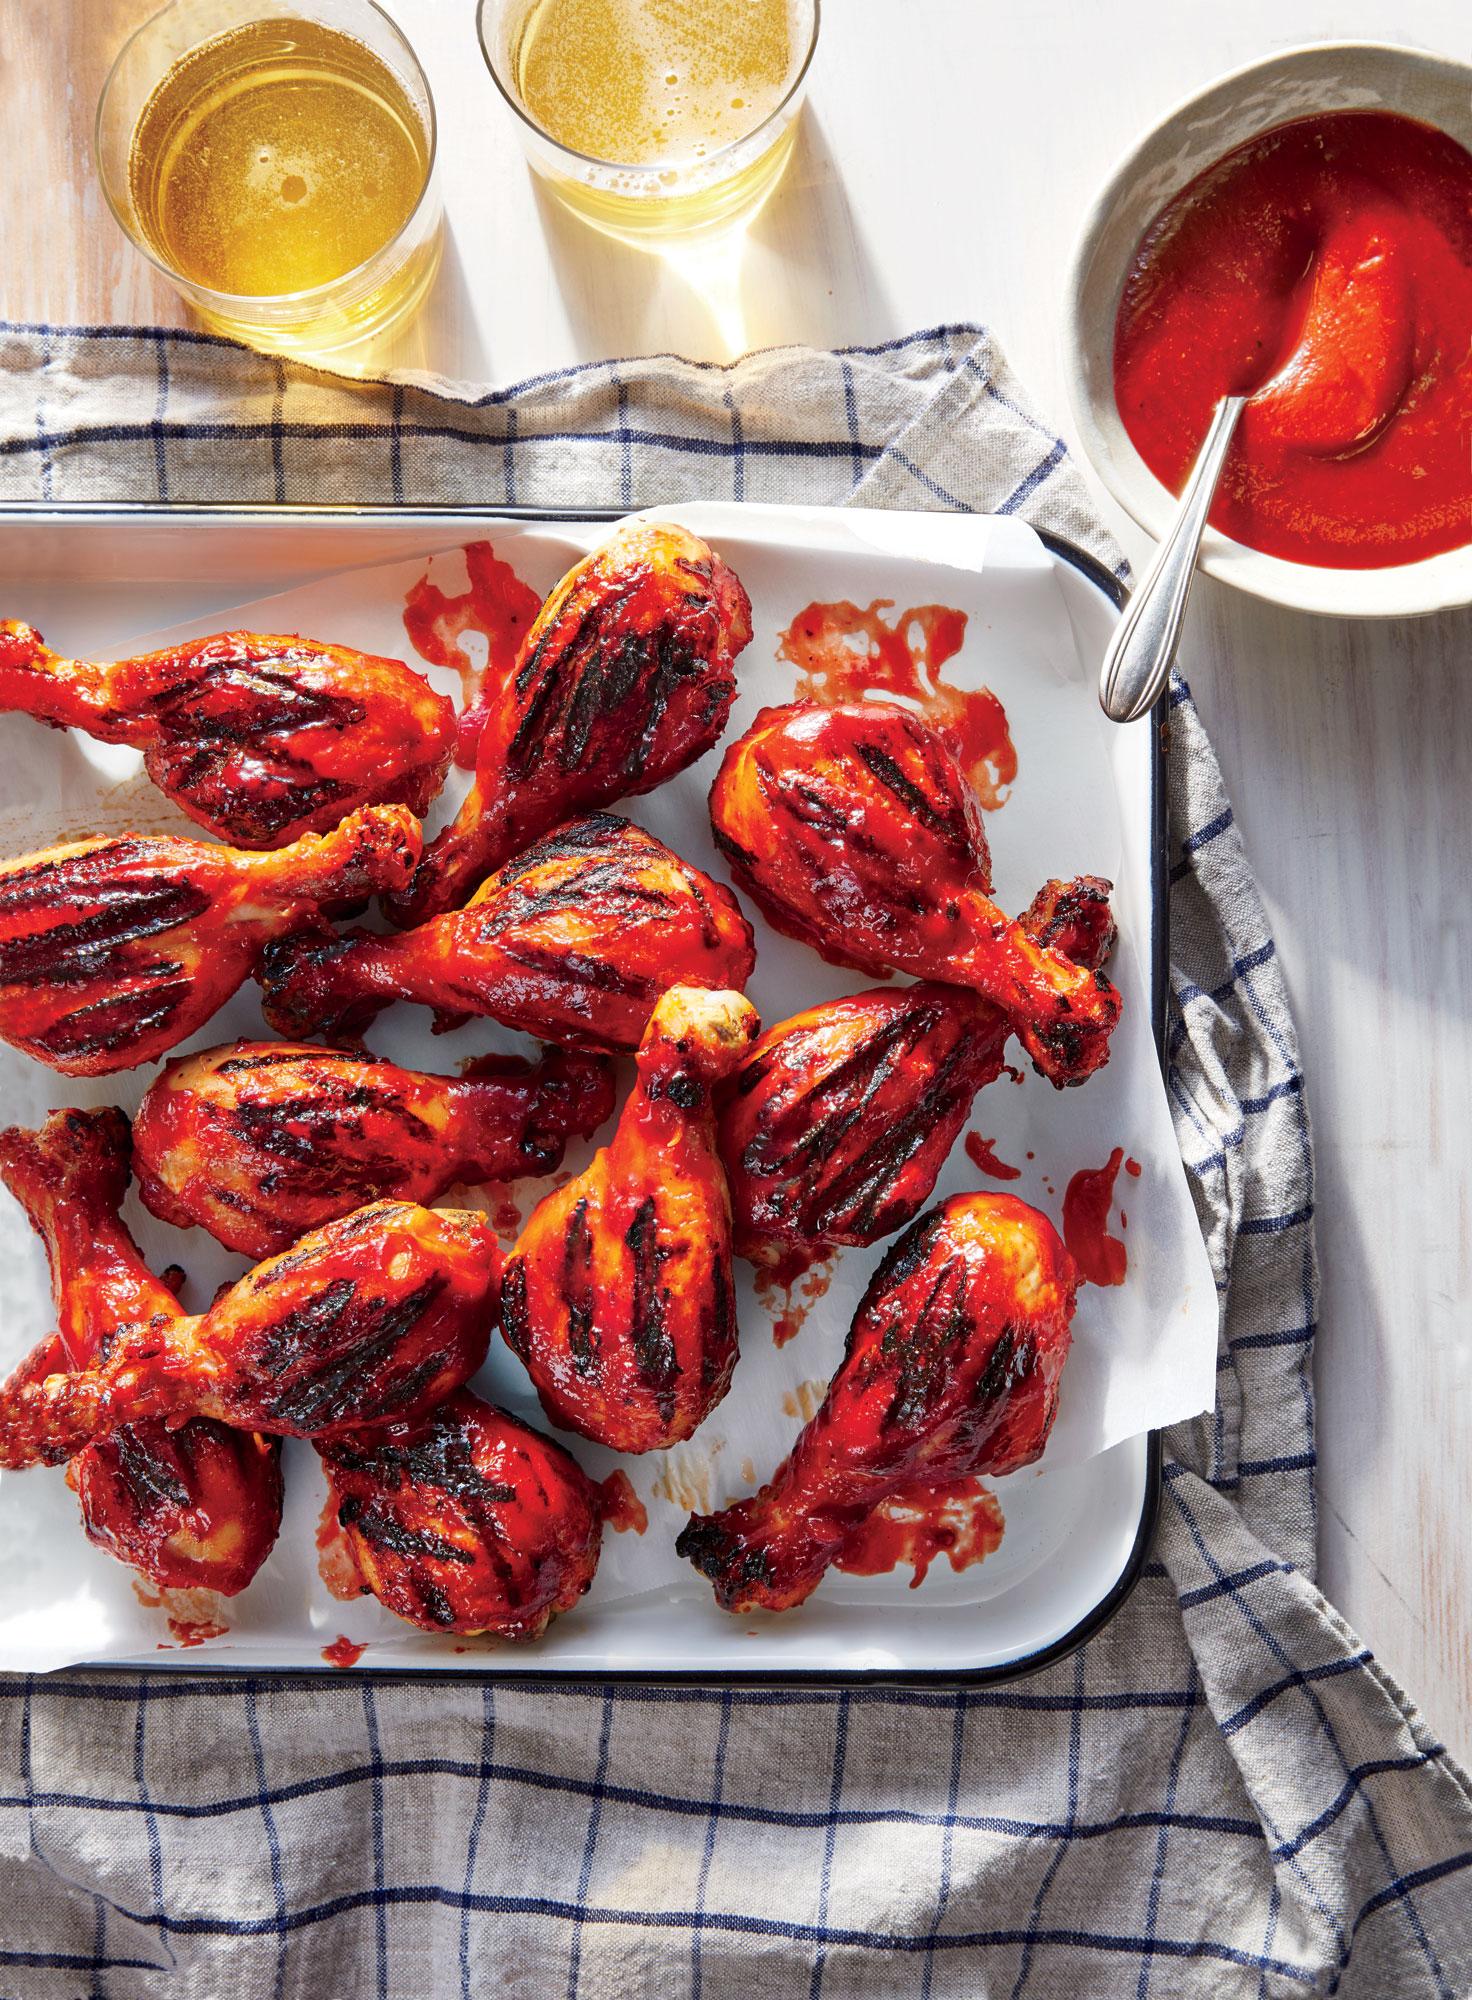 Grilled Chicken Drumsticks with Bourbon-Cherry BBQ Sauce